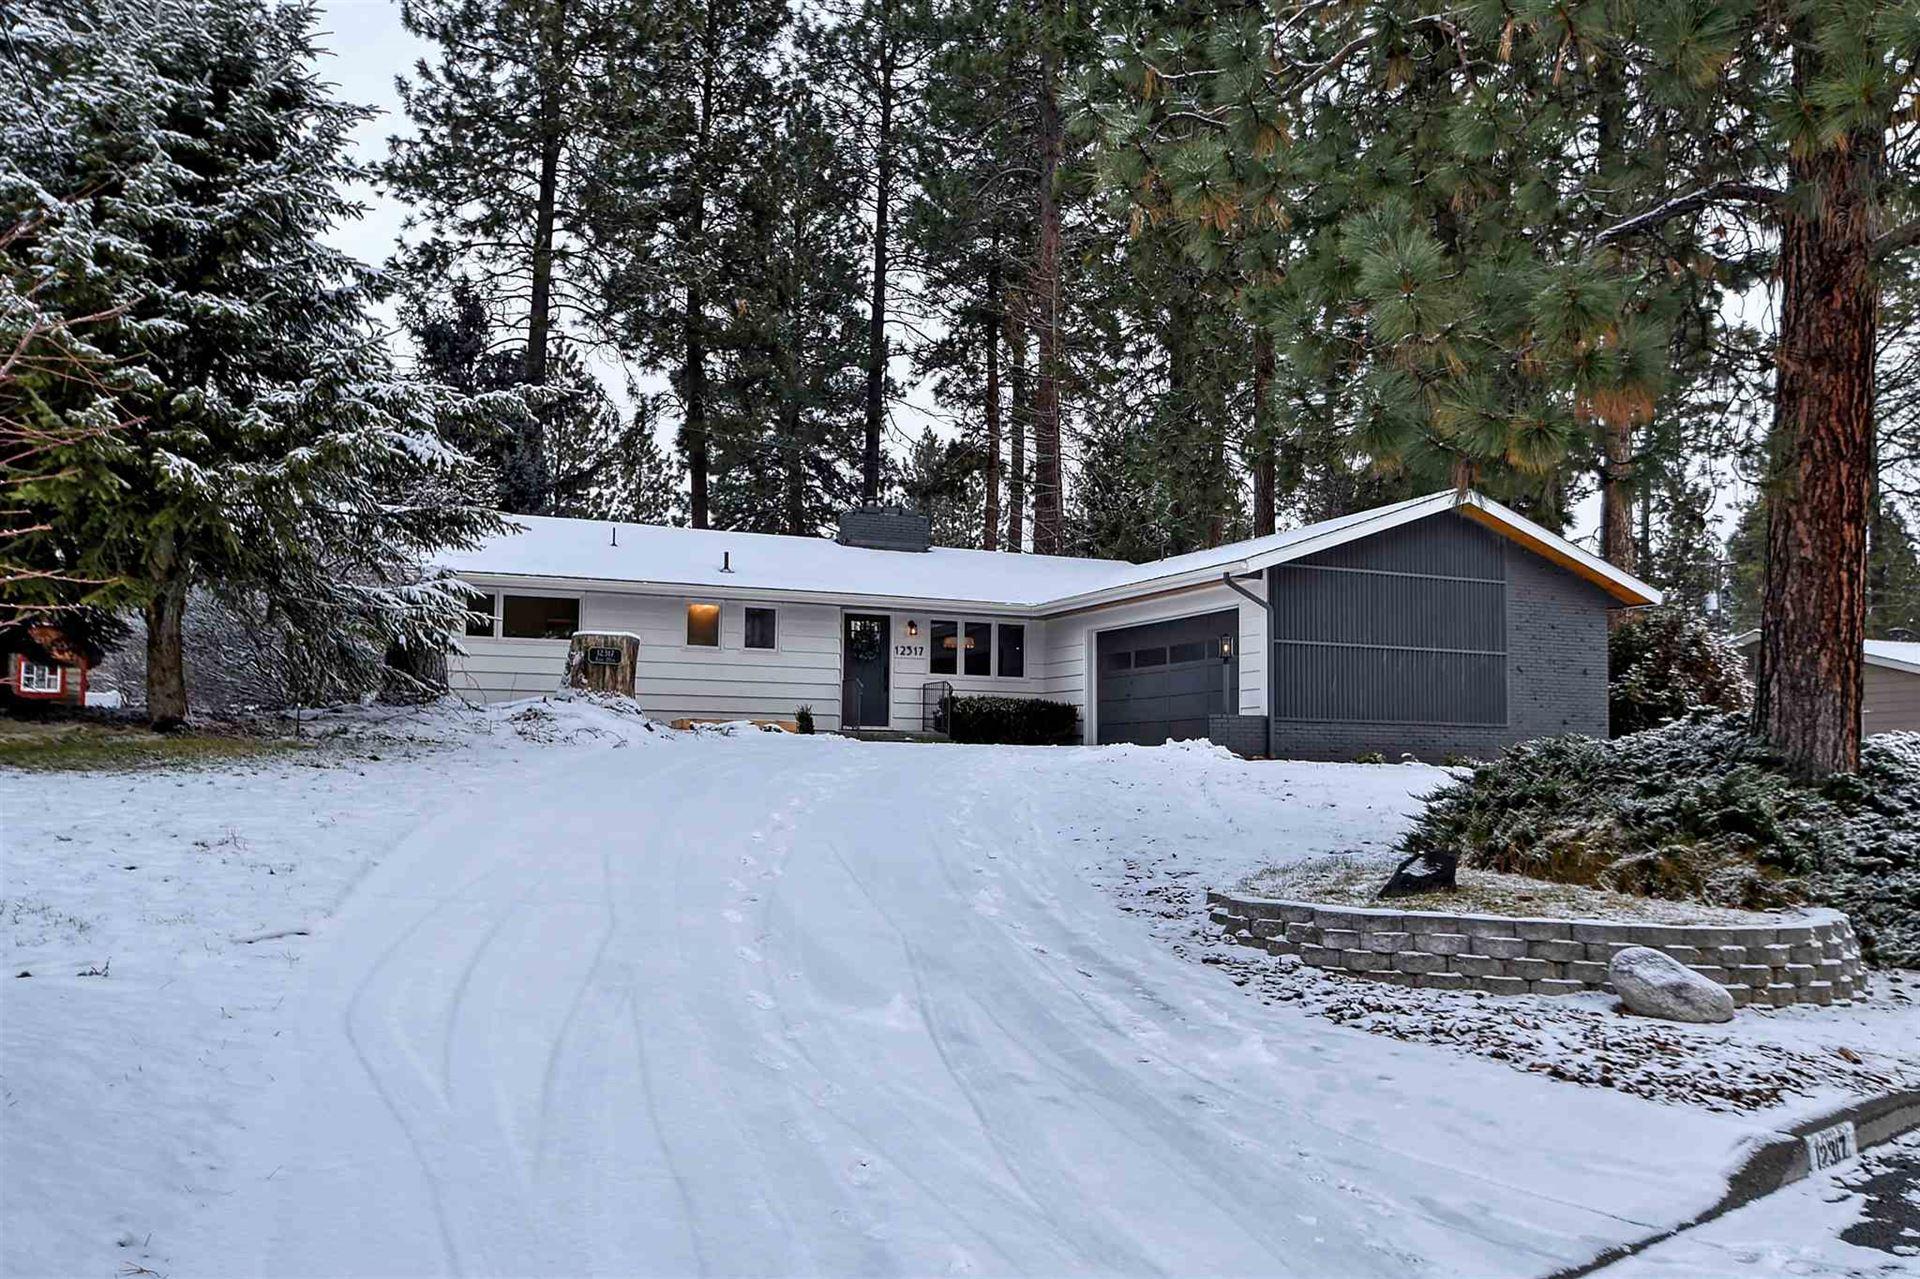 12317 E 20th Ave, Spokane Valley, WA 99216 - #: 202110956